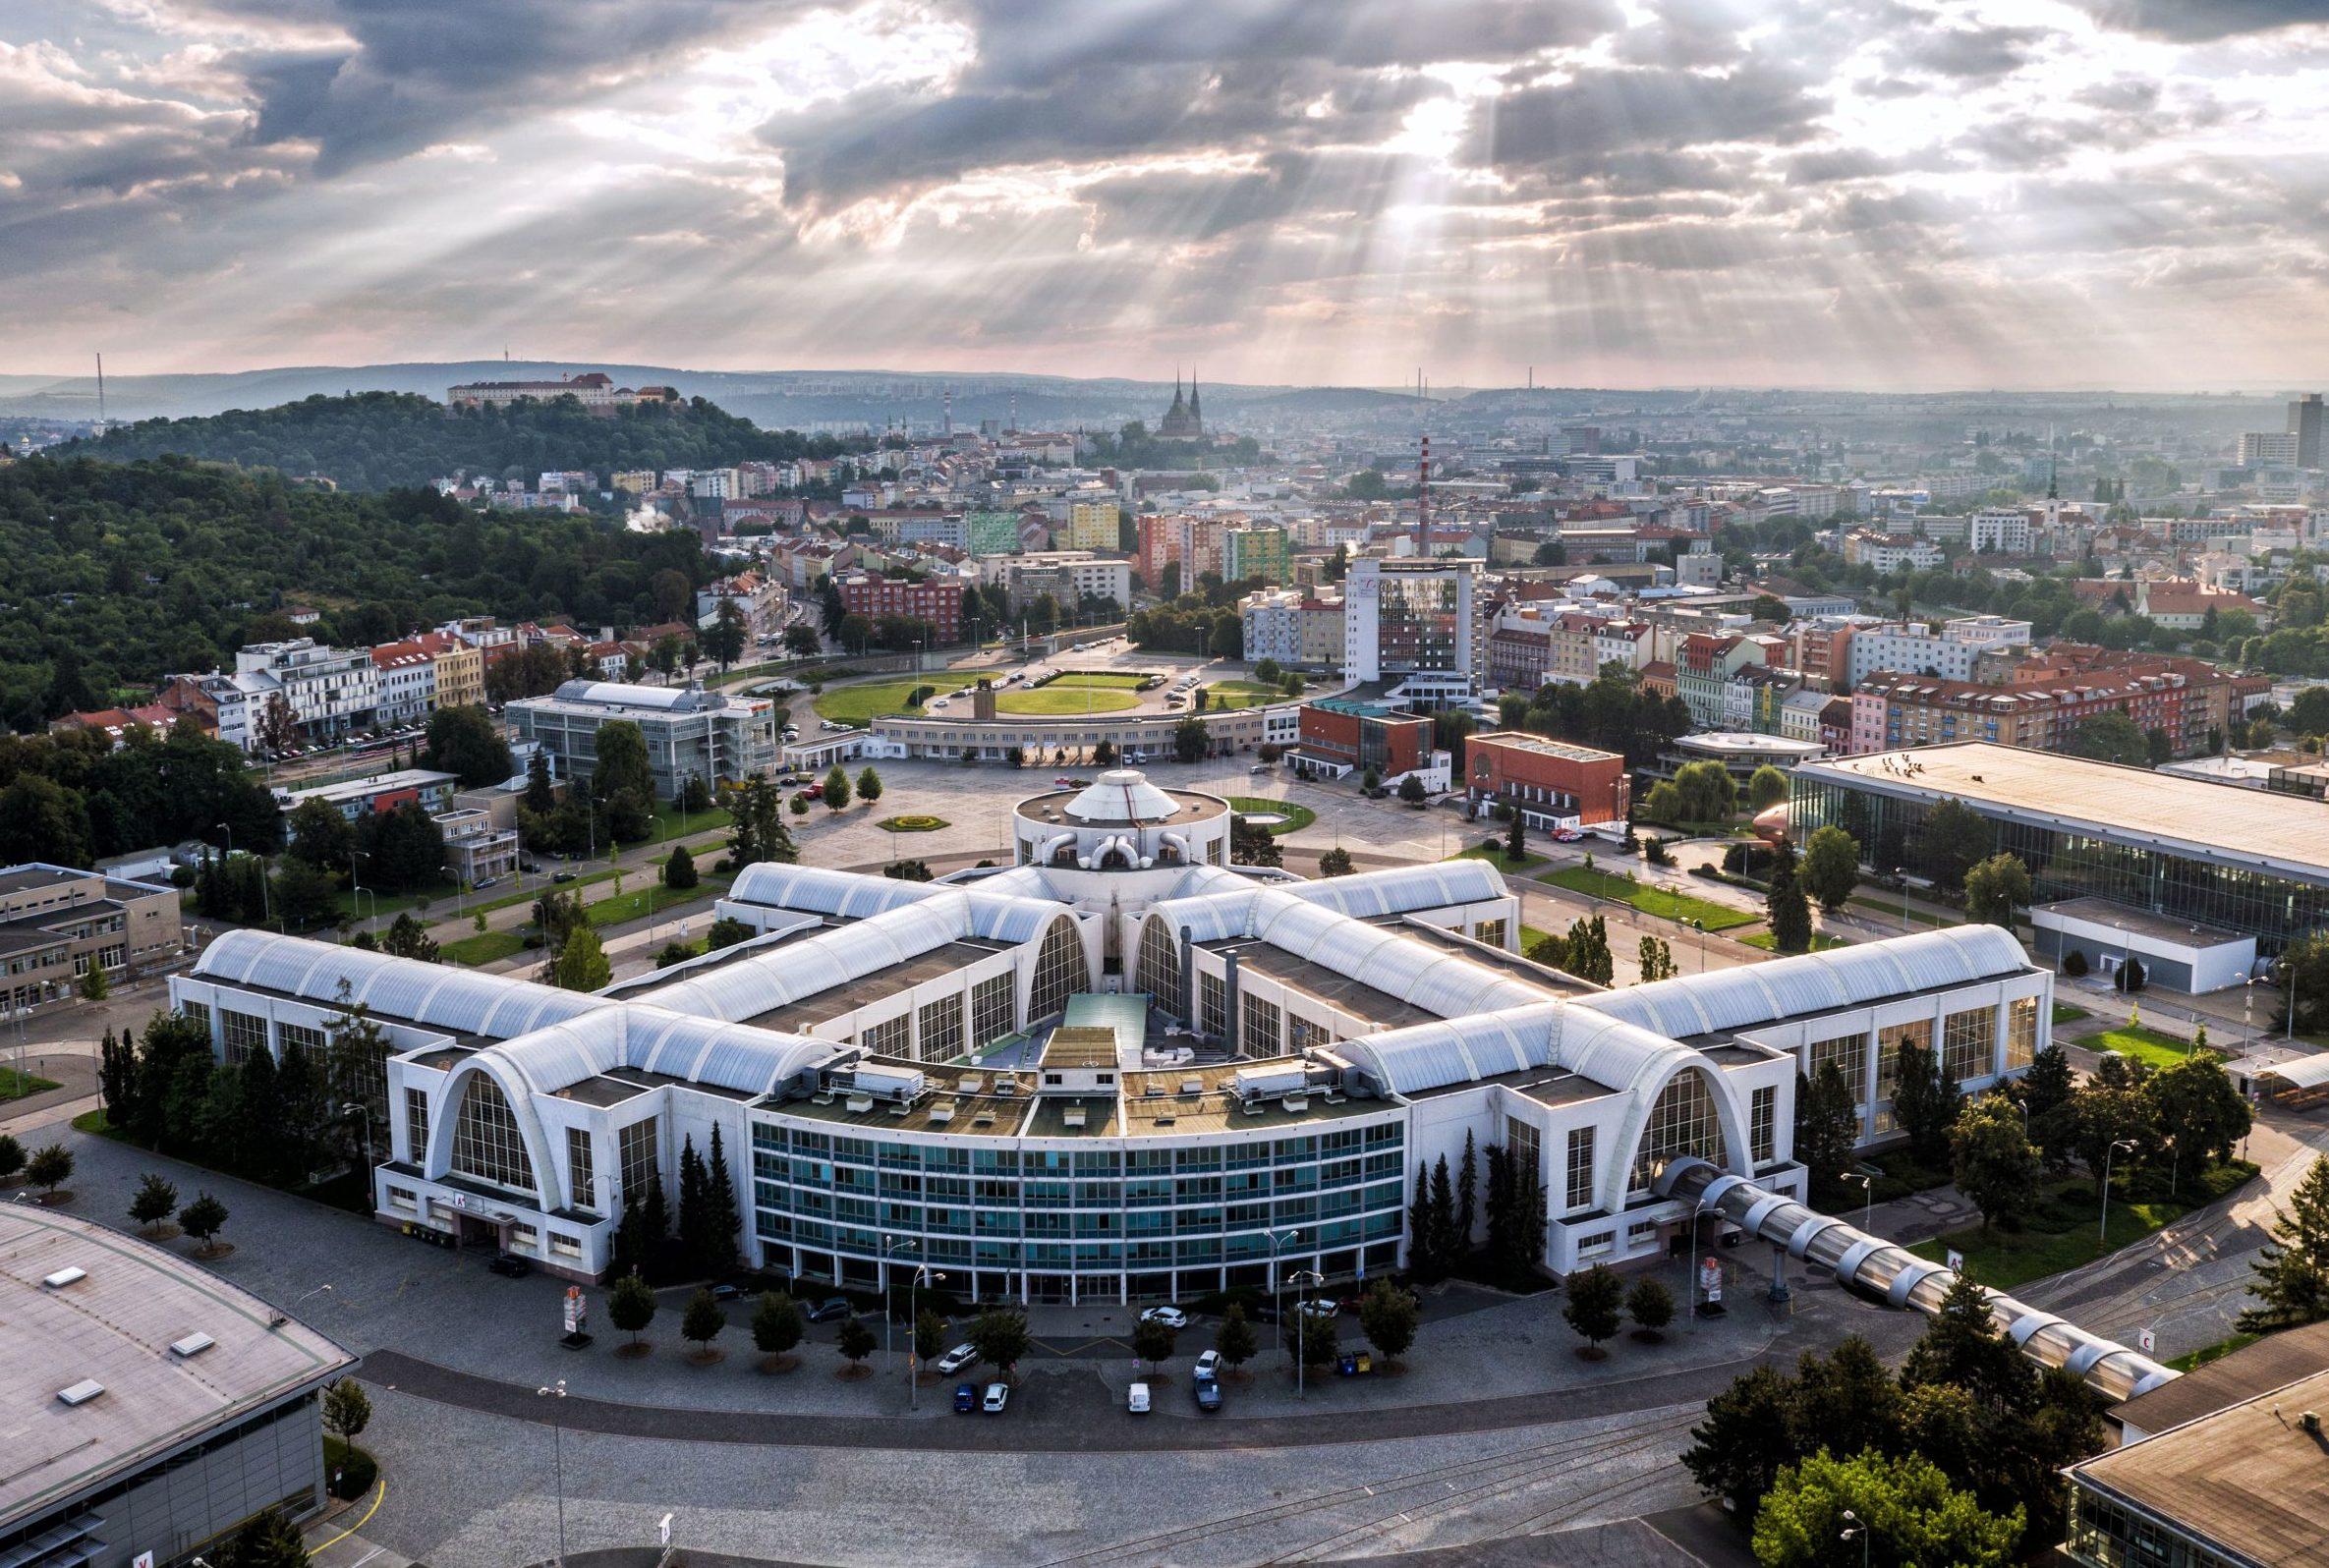 Brněnské výstaviště v Brně